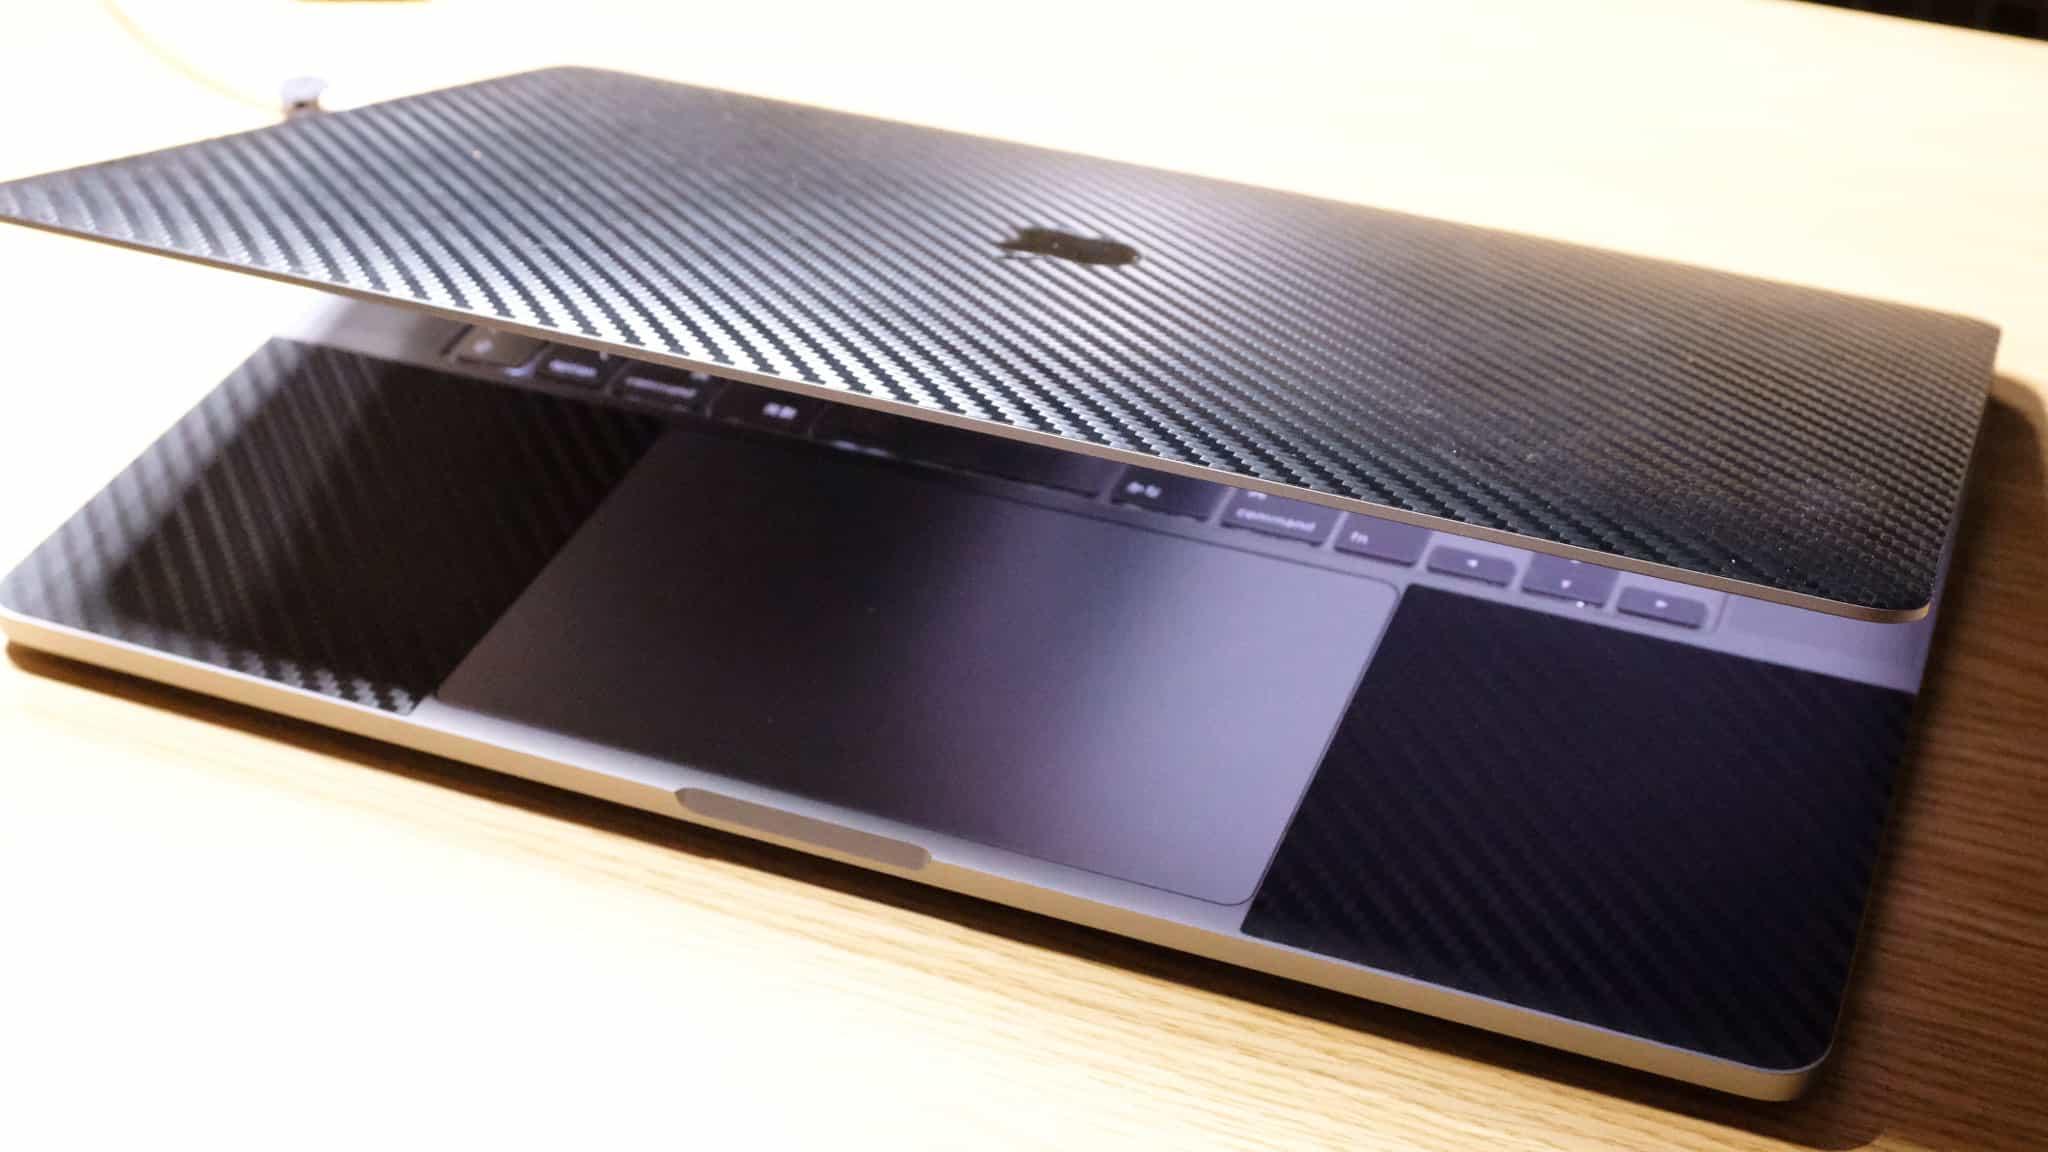 新型MacBook Pro は Touch Bar が廃止される!?Touch Barの使い方を振り返ってみる